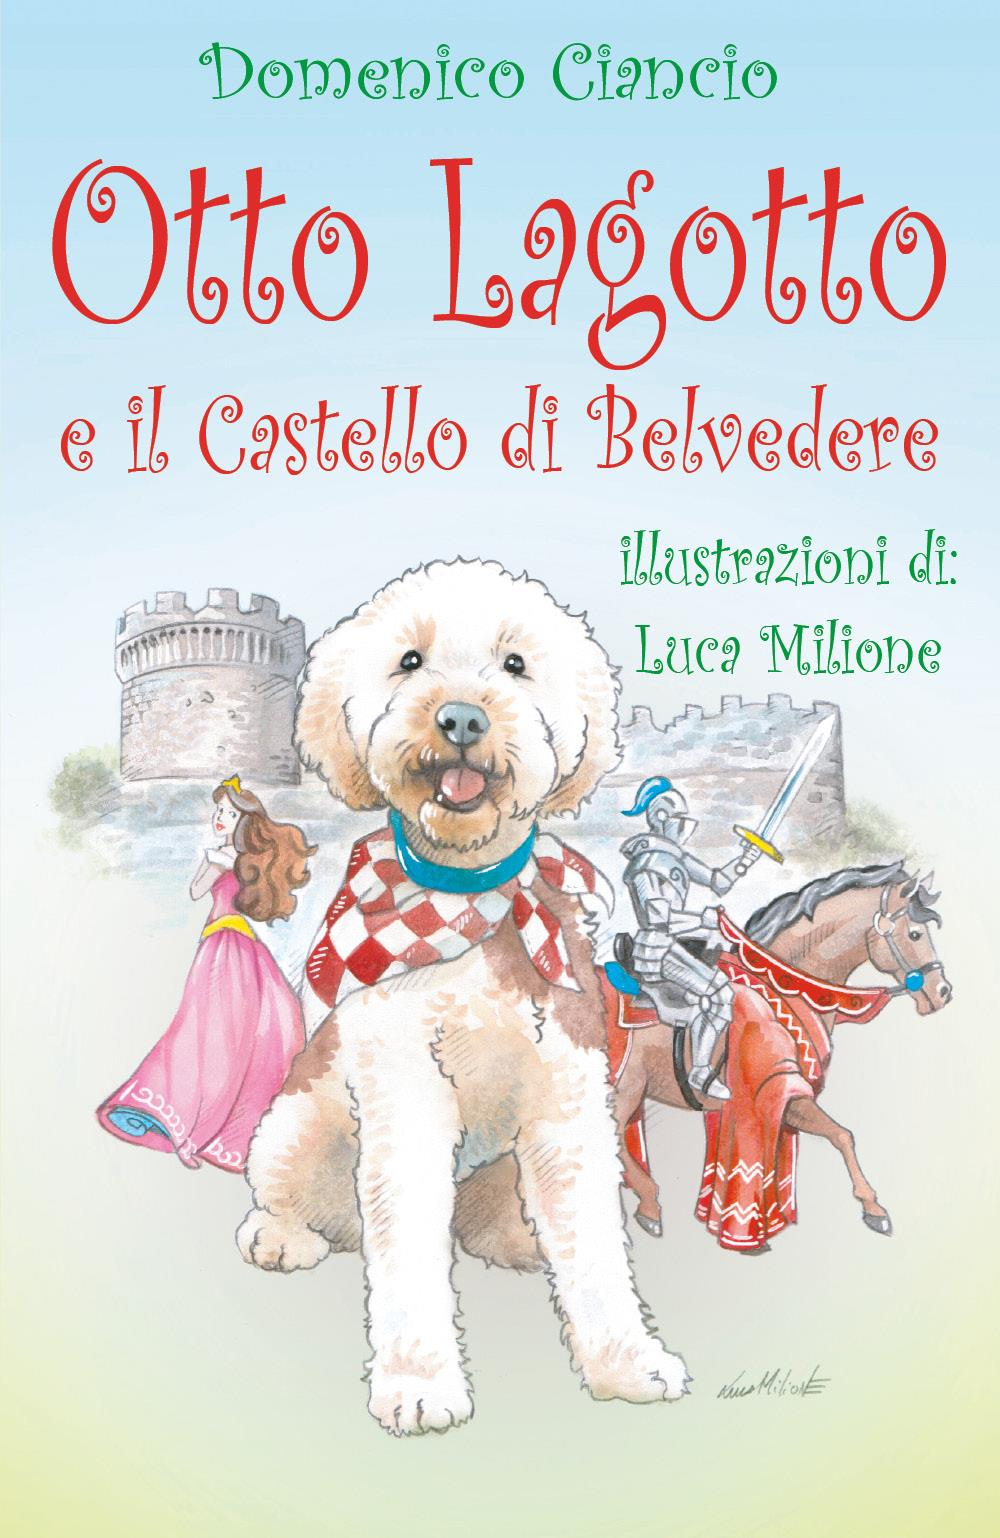 Otto lagotto e il castello di Belvedere